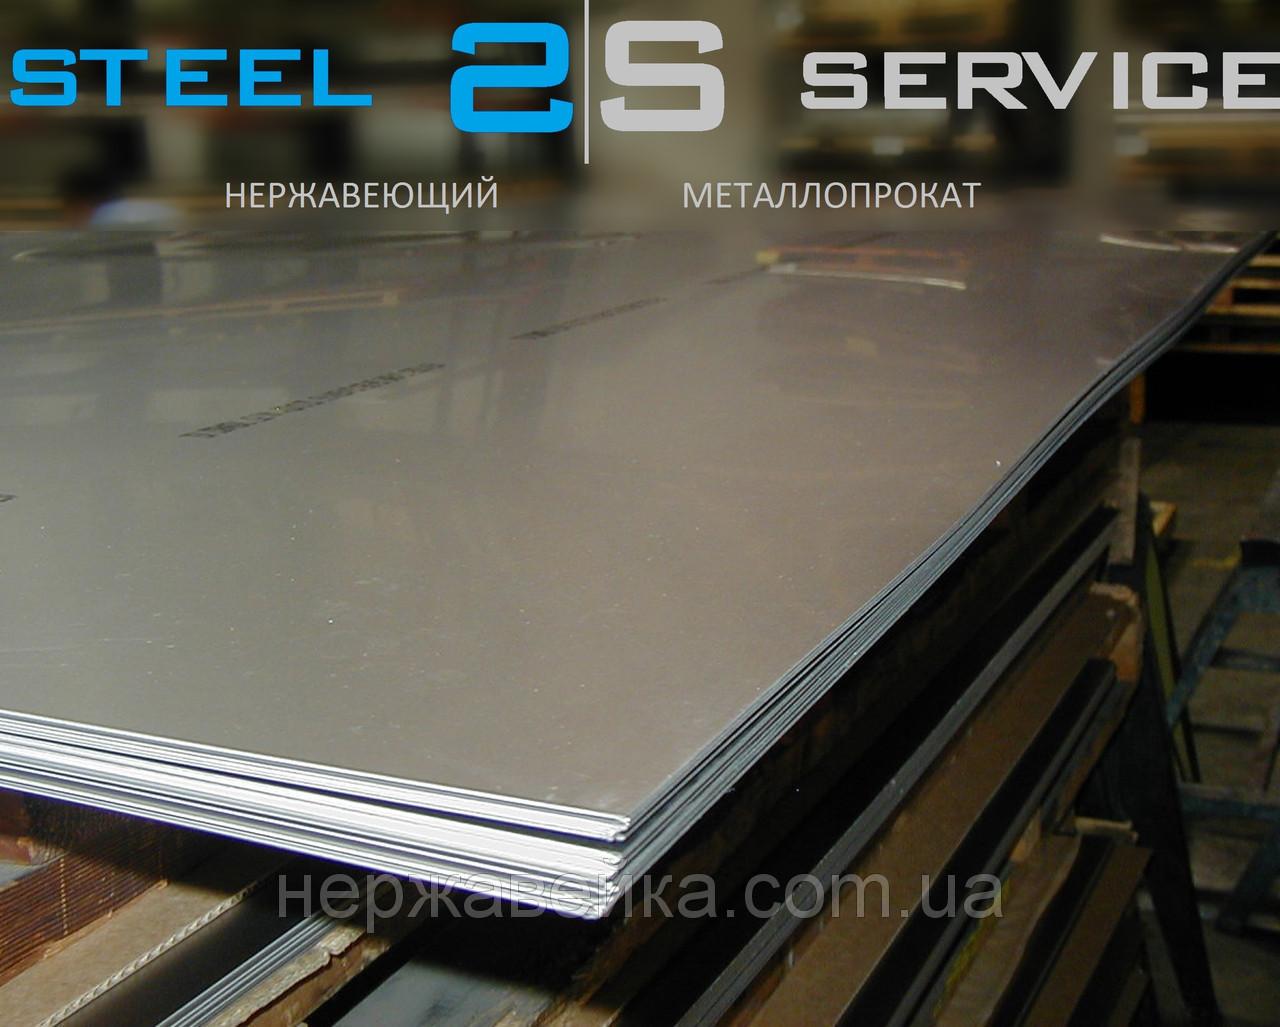 Нержавейка лист 14х1500х6000мм  AISI 321(08Х18Н10Т) F1 - горячекатанный,  пищевой